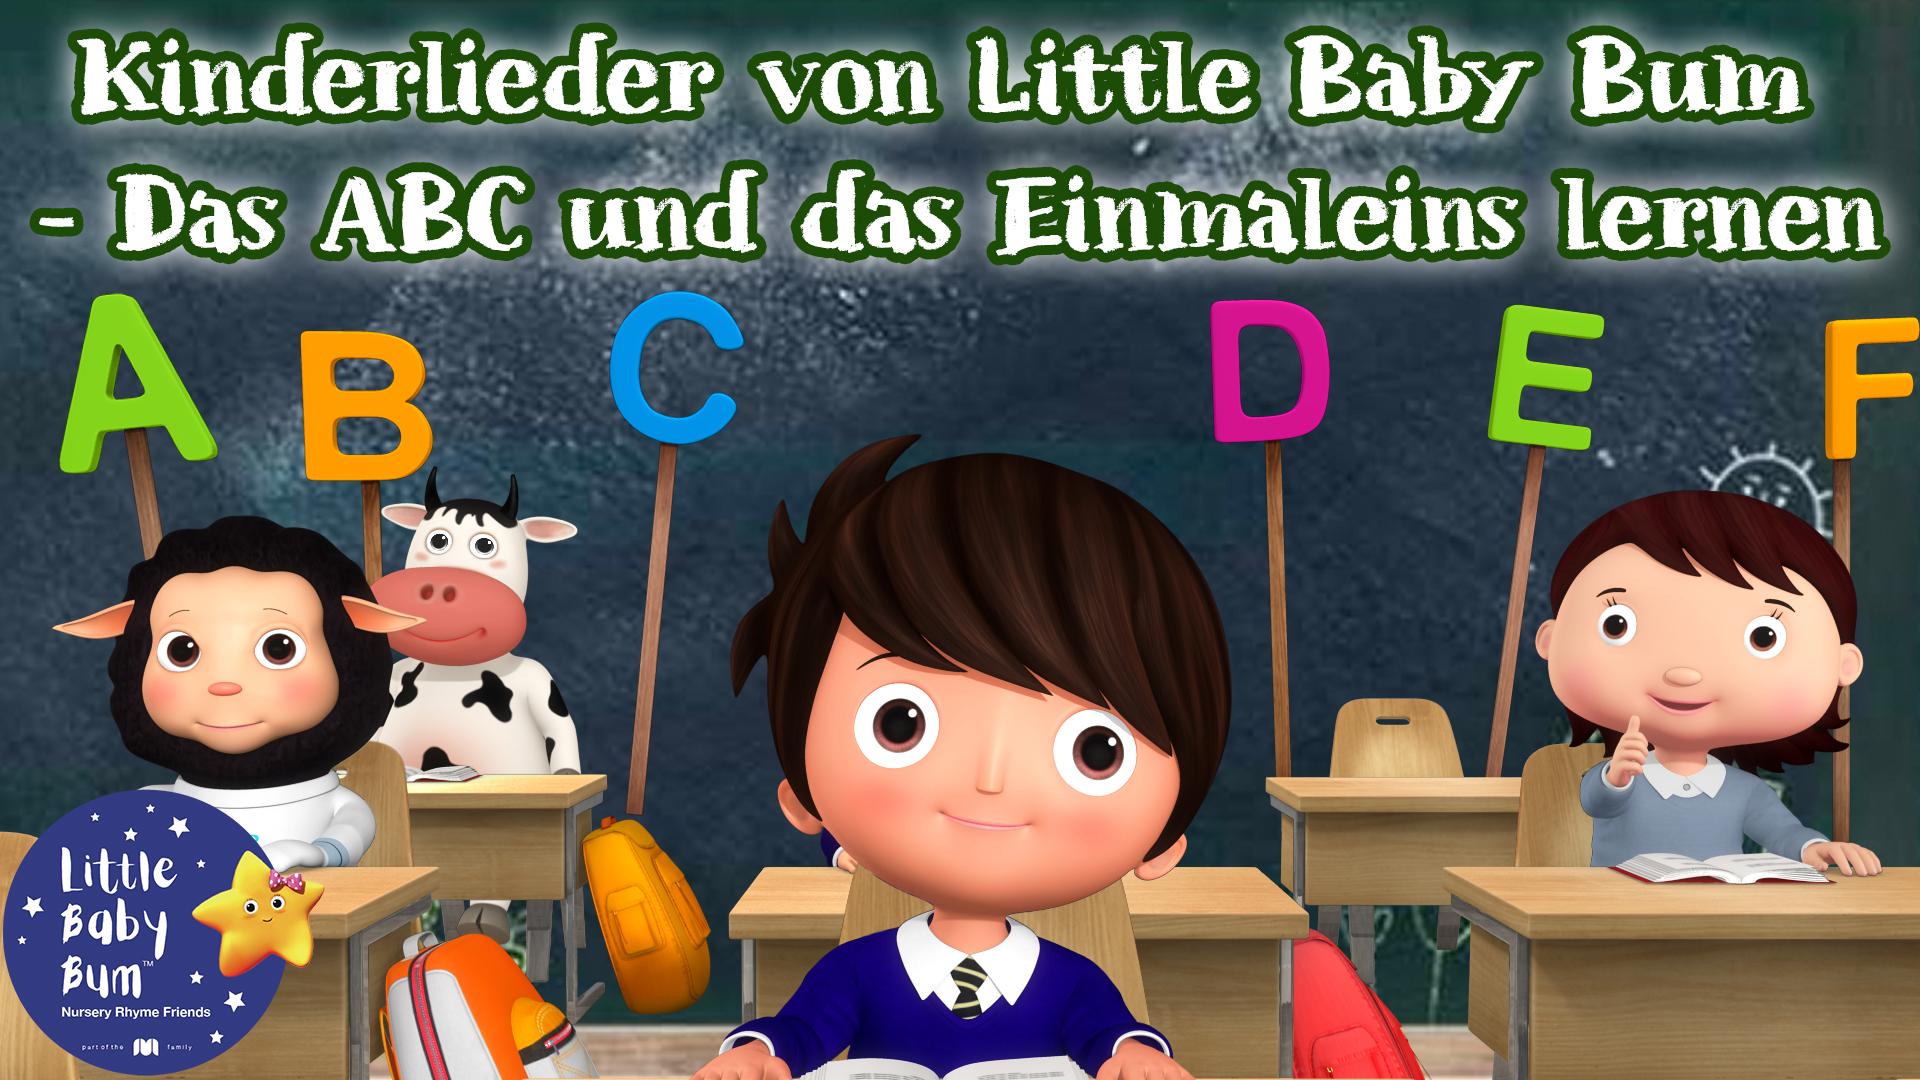 Kinderlieder von Little Baby Bum - Das ABC und das Einmaleins lernen